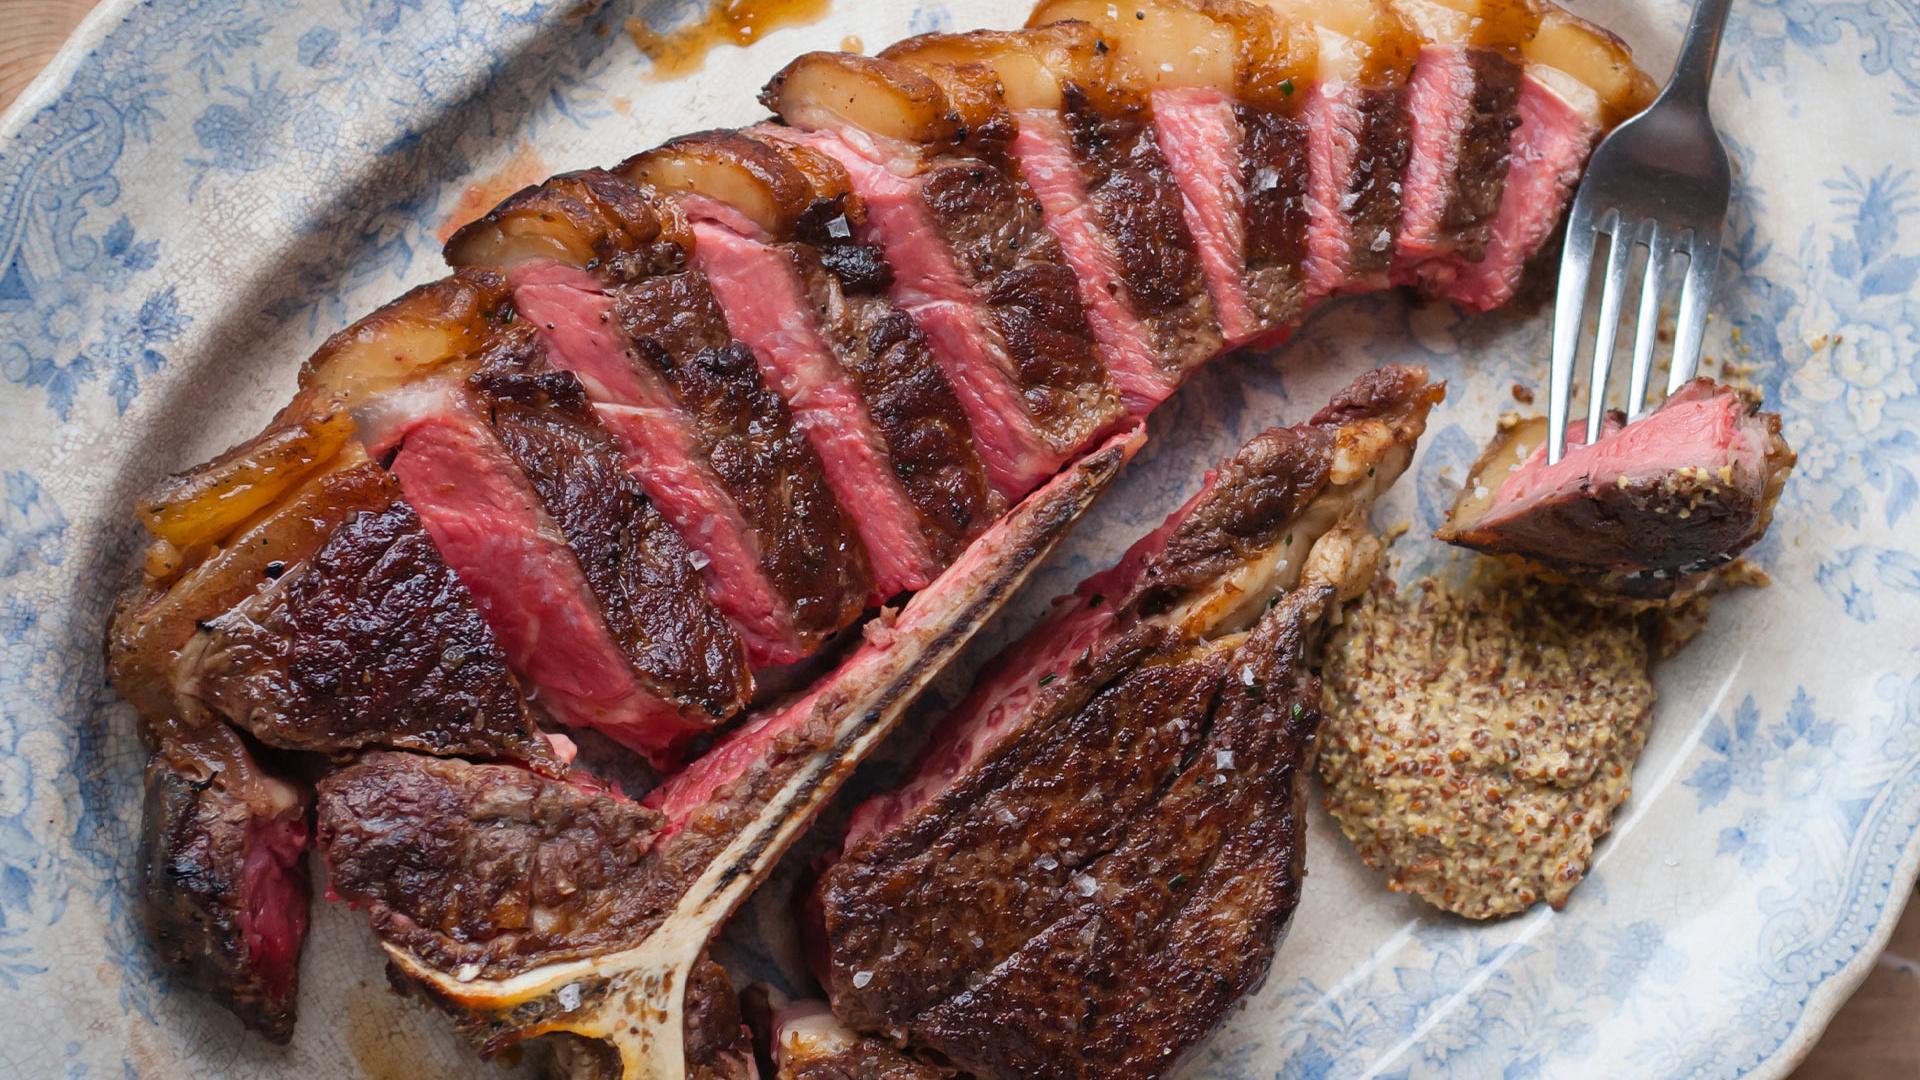 Little Smoke's porterhouse steak